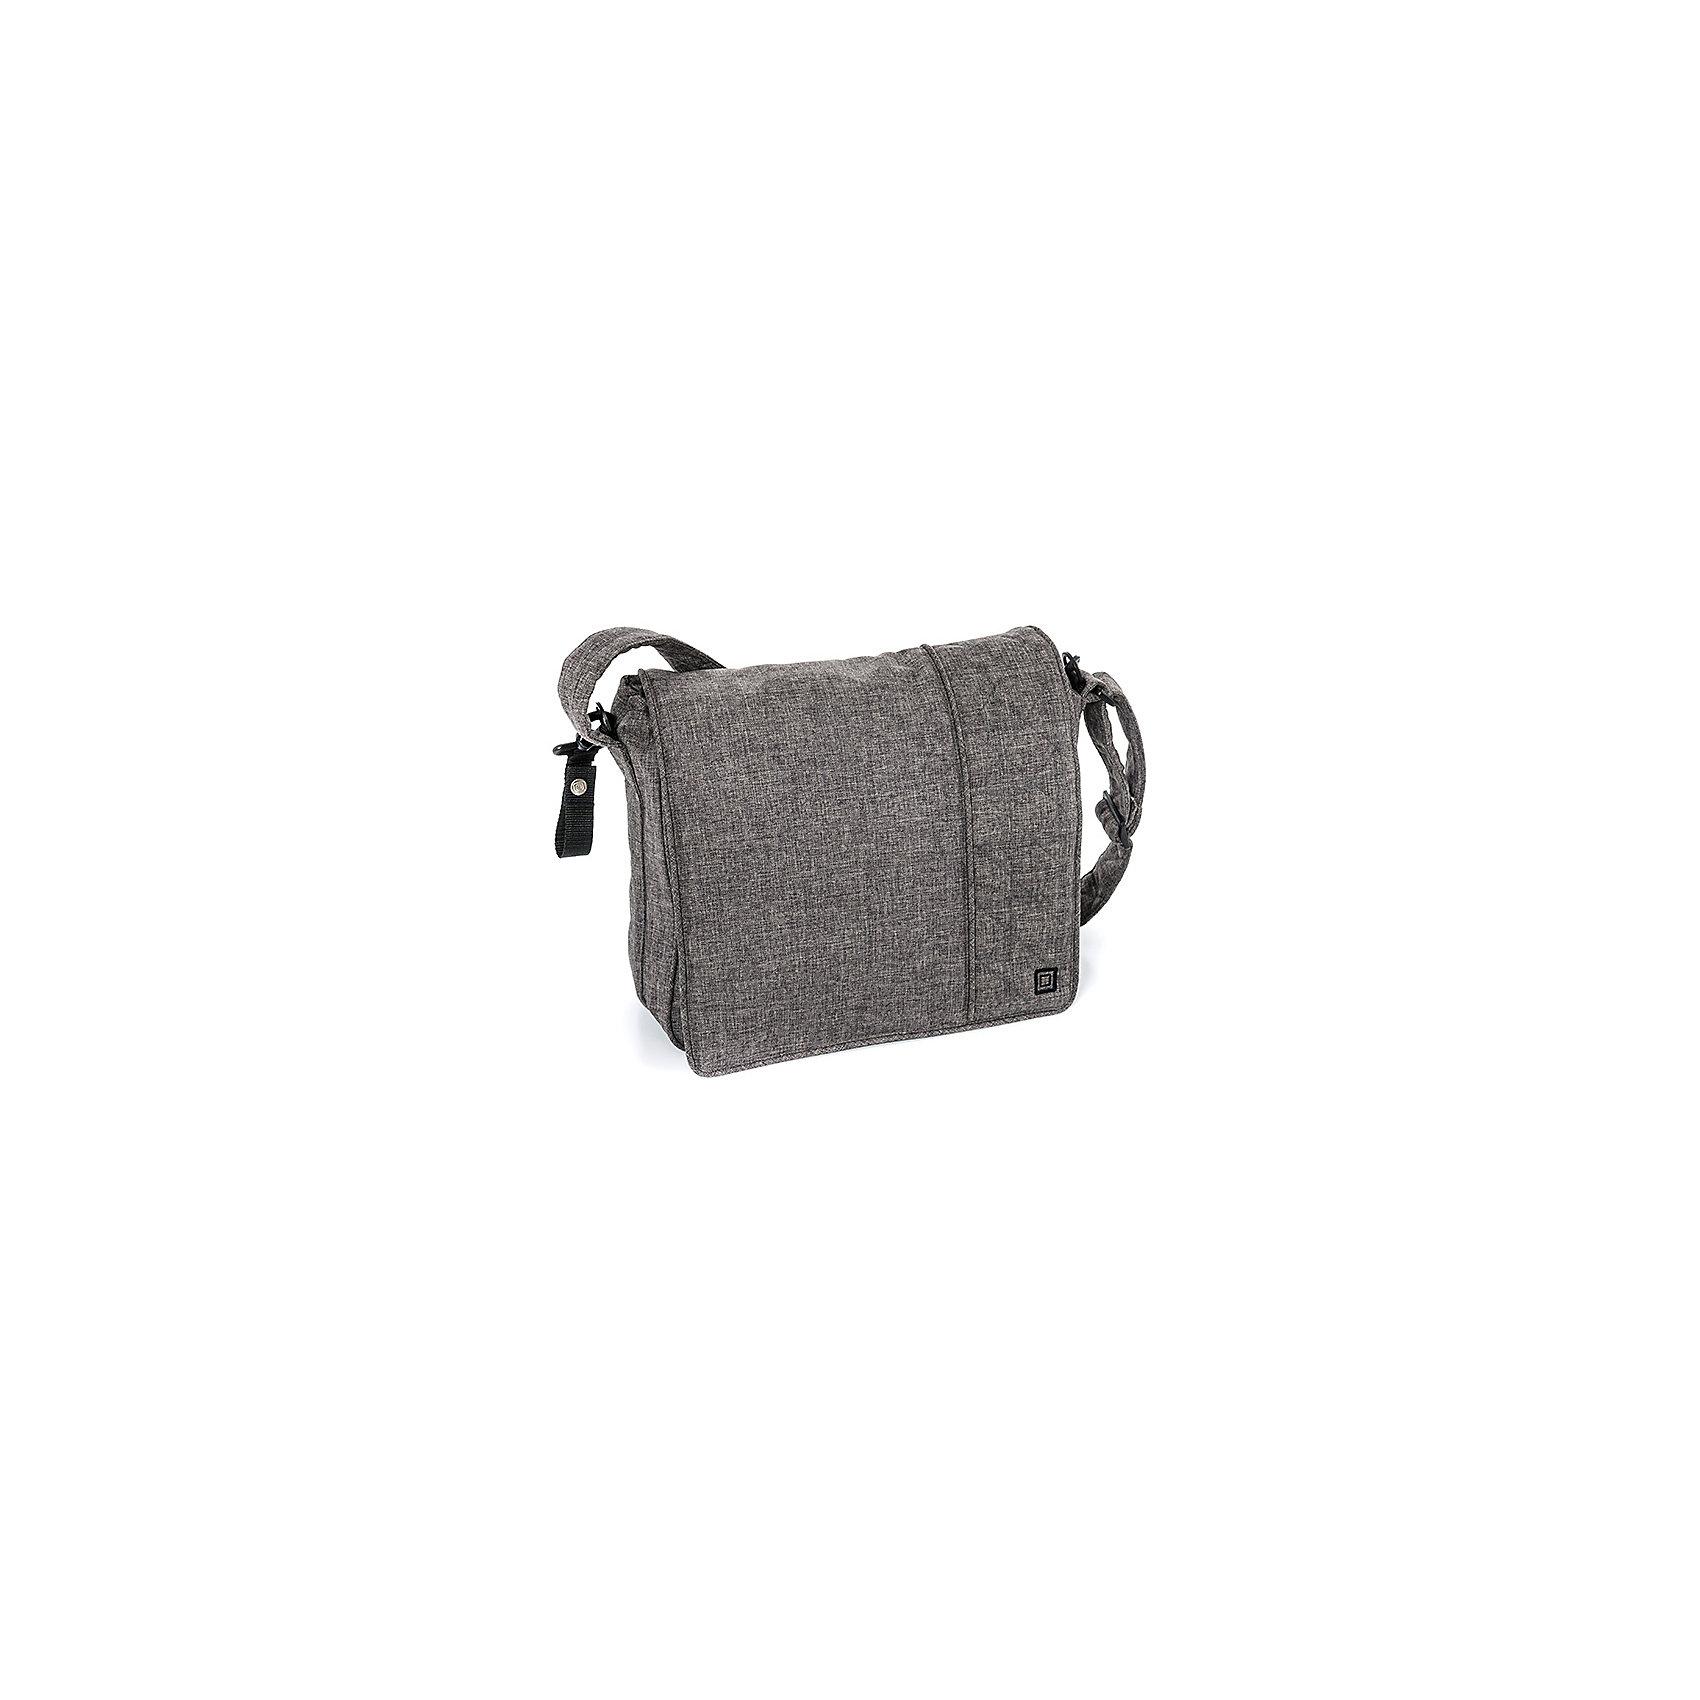 Сумка на коляску, Moon, Stone MelangeАксессуары для колясок<br>Характеристики:<br><br>• подходит к любой коляске – универсальное крепление;<br>• сумка оснащена ручкой для переноски;<br>• магнитная застежка;<br>• 3 больших внутренних кармана, отделение для смены подгузников, 8 кармашков на сетке для мелочей, кошелек;<br>• в комплекте пеленальный матрасик.<br><br>Размер сумки: 45х35х10 см<br>Вес: 350 г<br><br>Сумку на коляску, Moon, Bag Stone Melange можно купить в нашем интернет-магазине.<br><br>Ширина мм: 450<br>Глубина мм: 350<br>Высота мм: 100<br>Вес г: 350<br>Возраст от месяцев: 0<br>Возраст до месяцев: 36<br>Пол: Унисекс<br>Возраст: Детский<br>SKU: 5485134